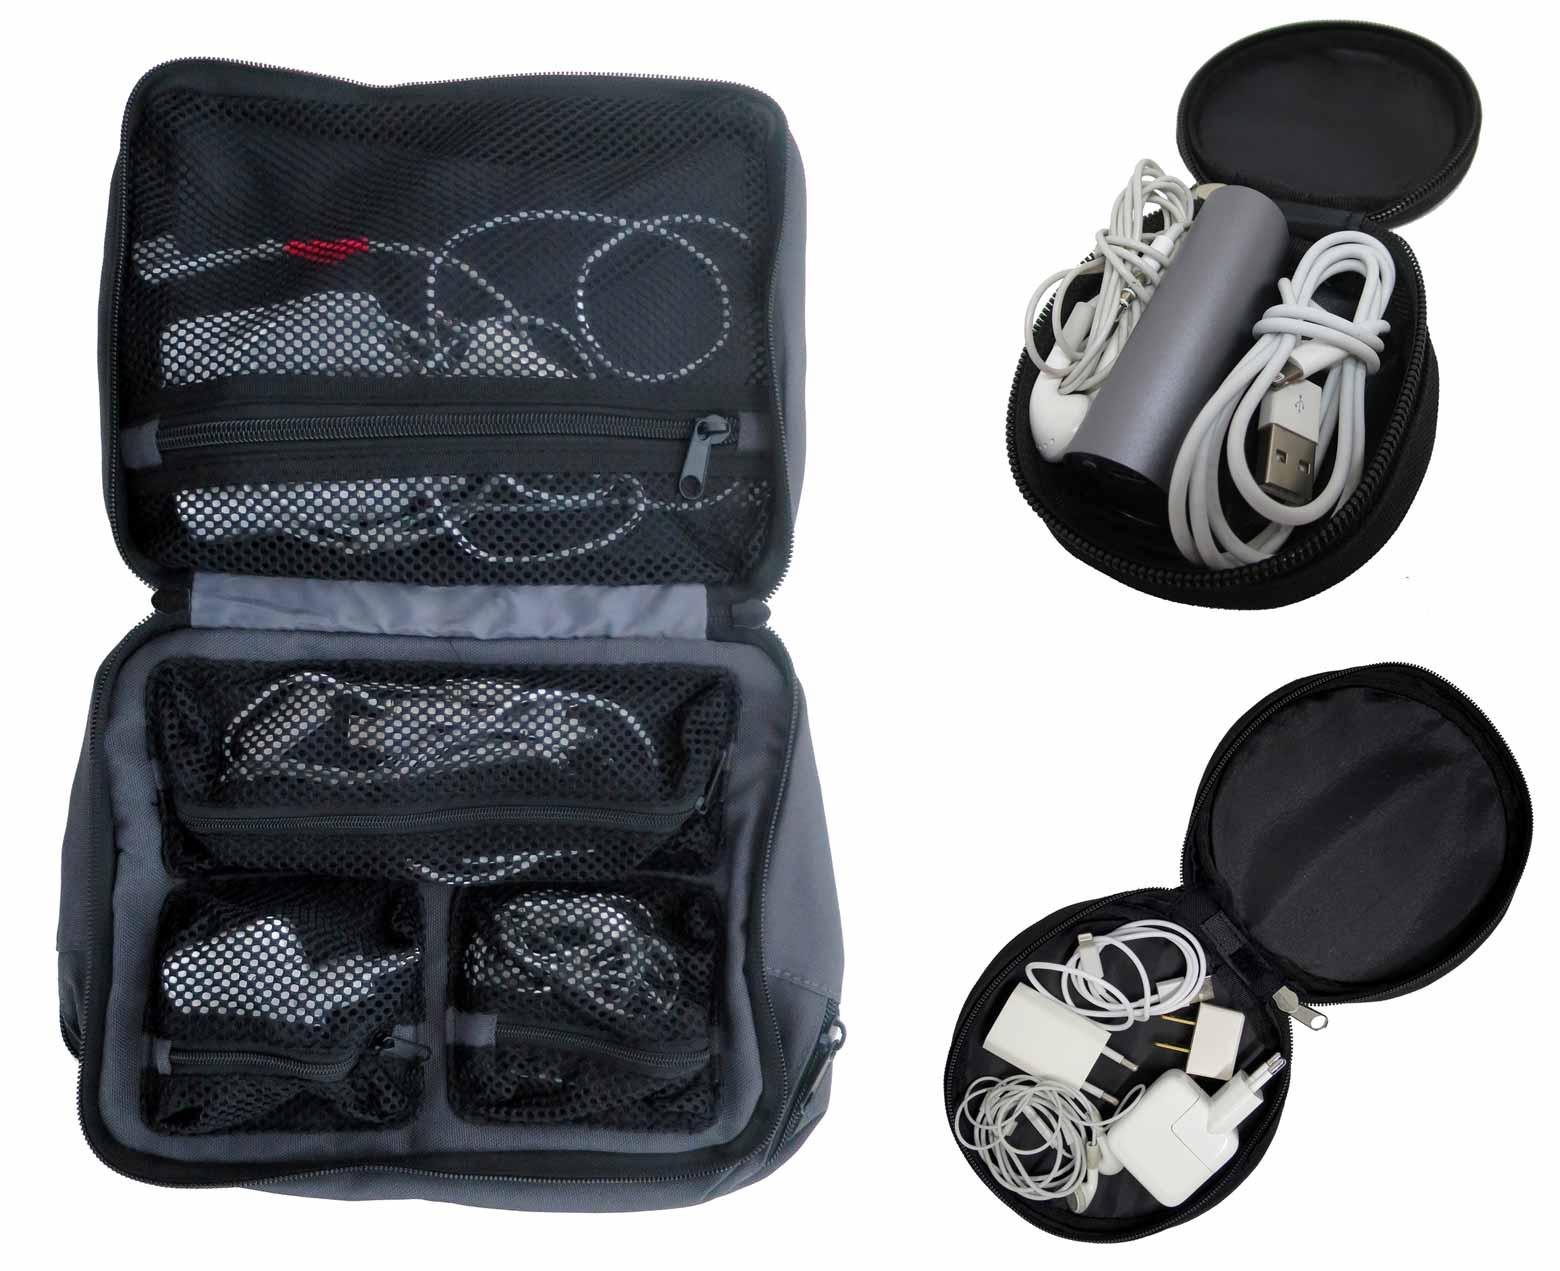 små tasker og punge til it udstyr, usb stik